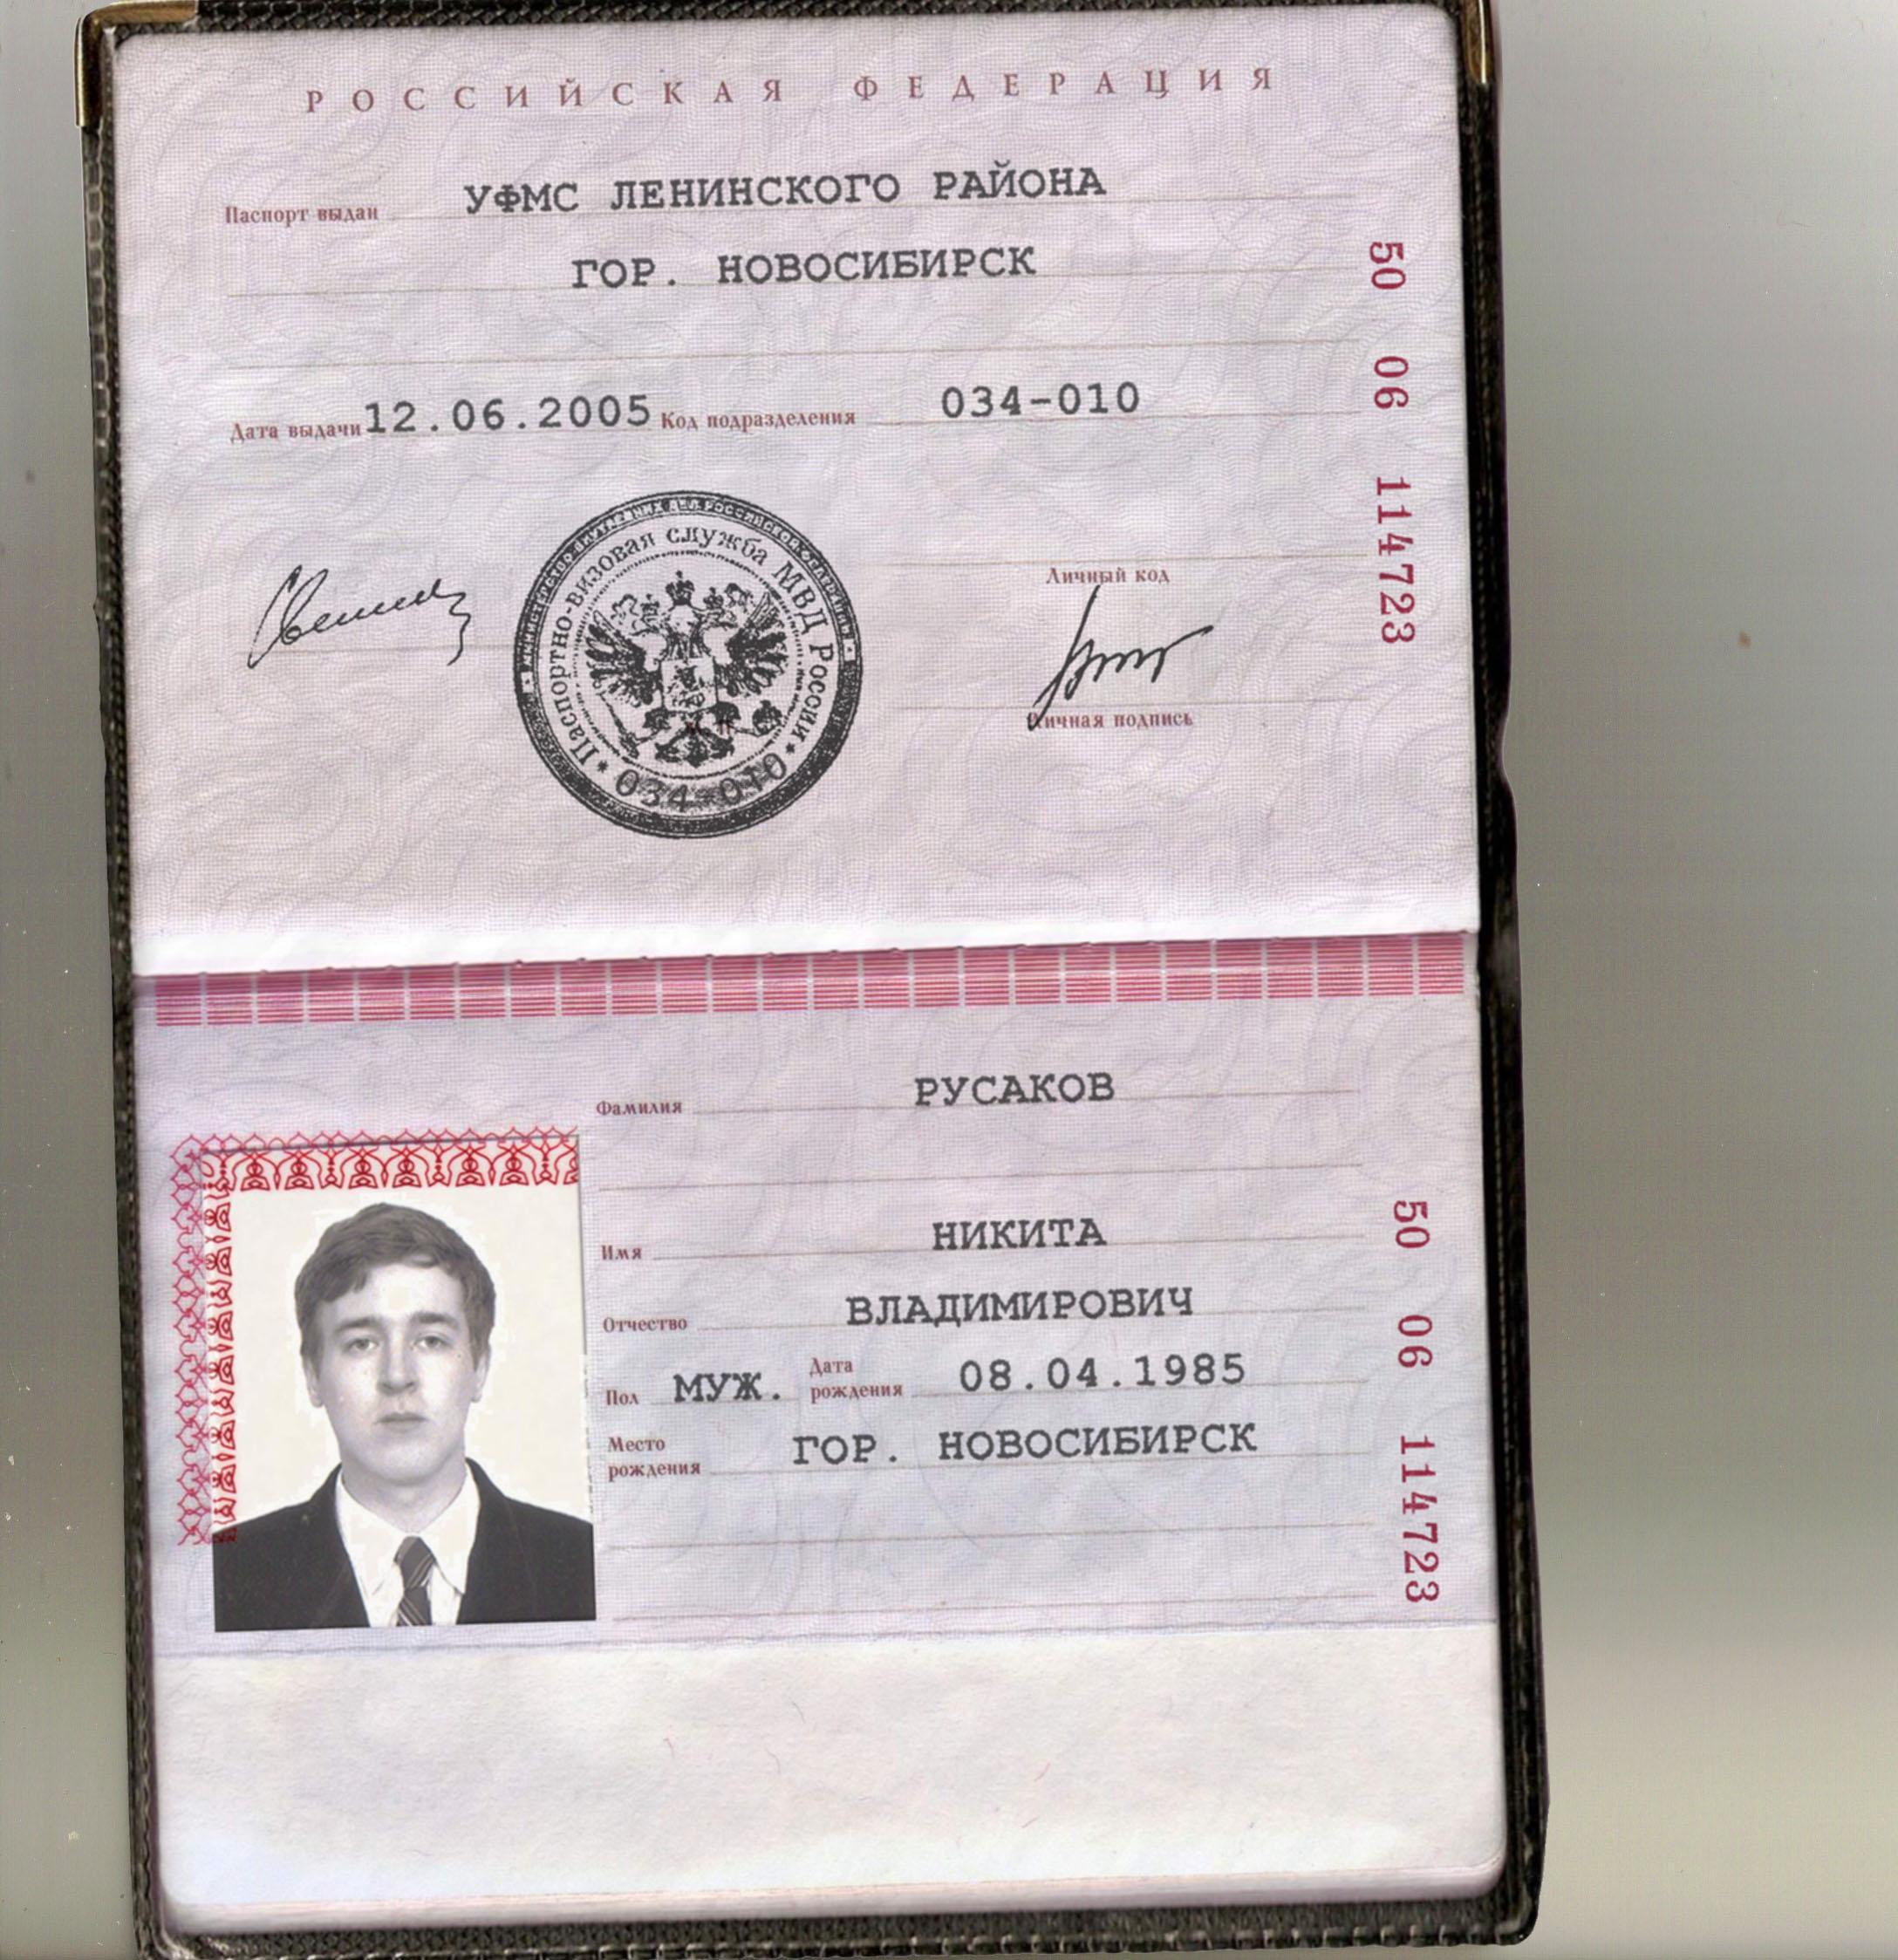 Оформление загранпаспорта в Объединенном Визовом Центре